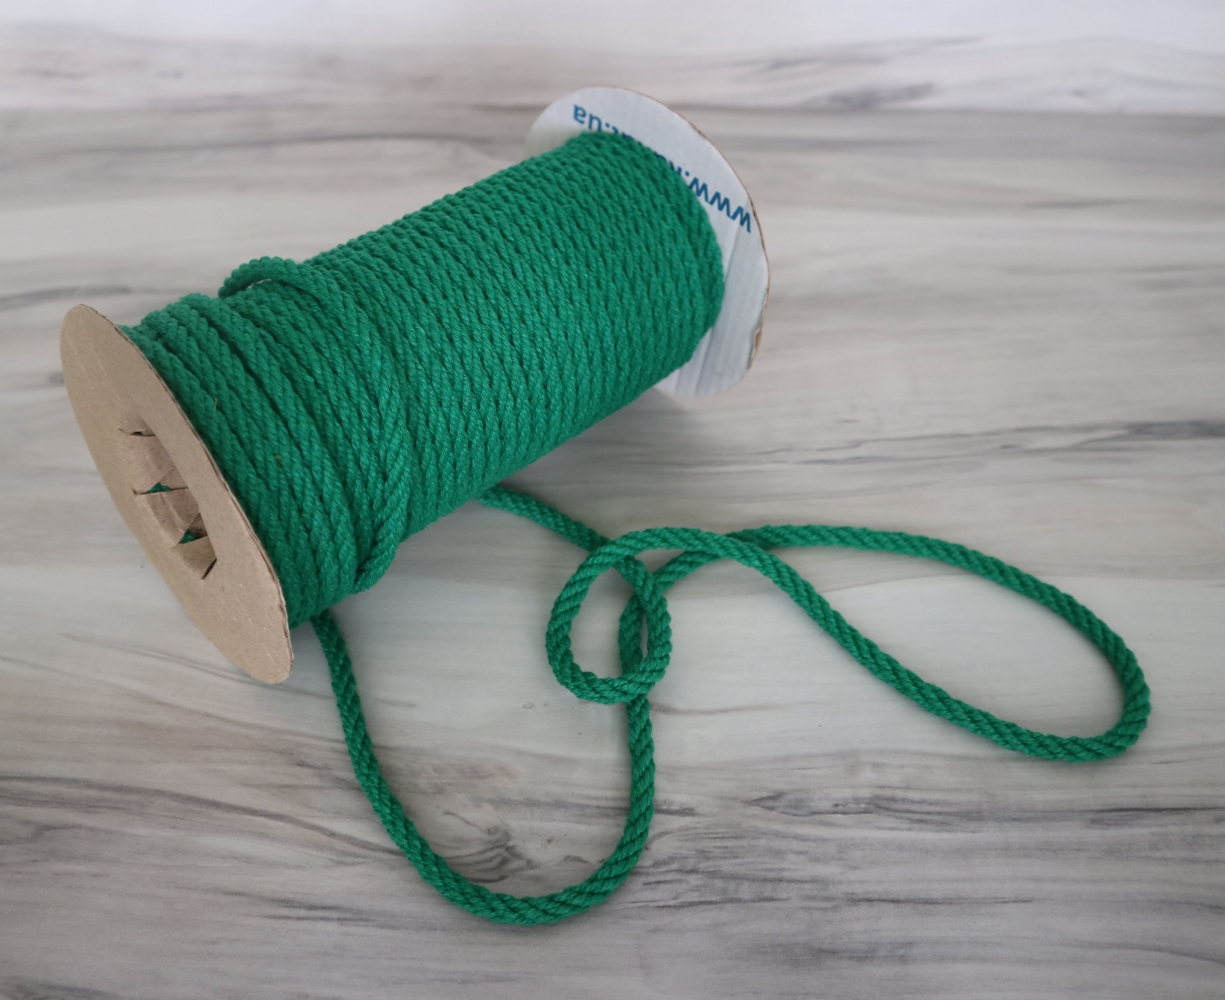 Канат бавовняний зелений, діаметр 5мм, бухта 25м - 1